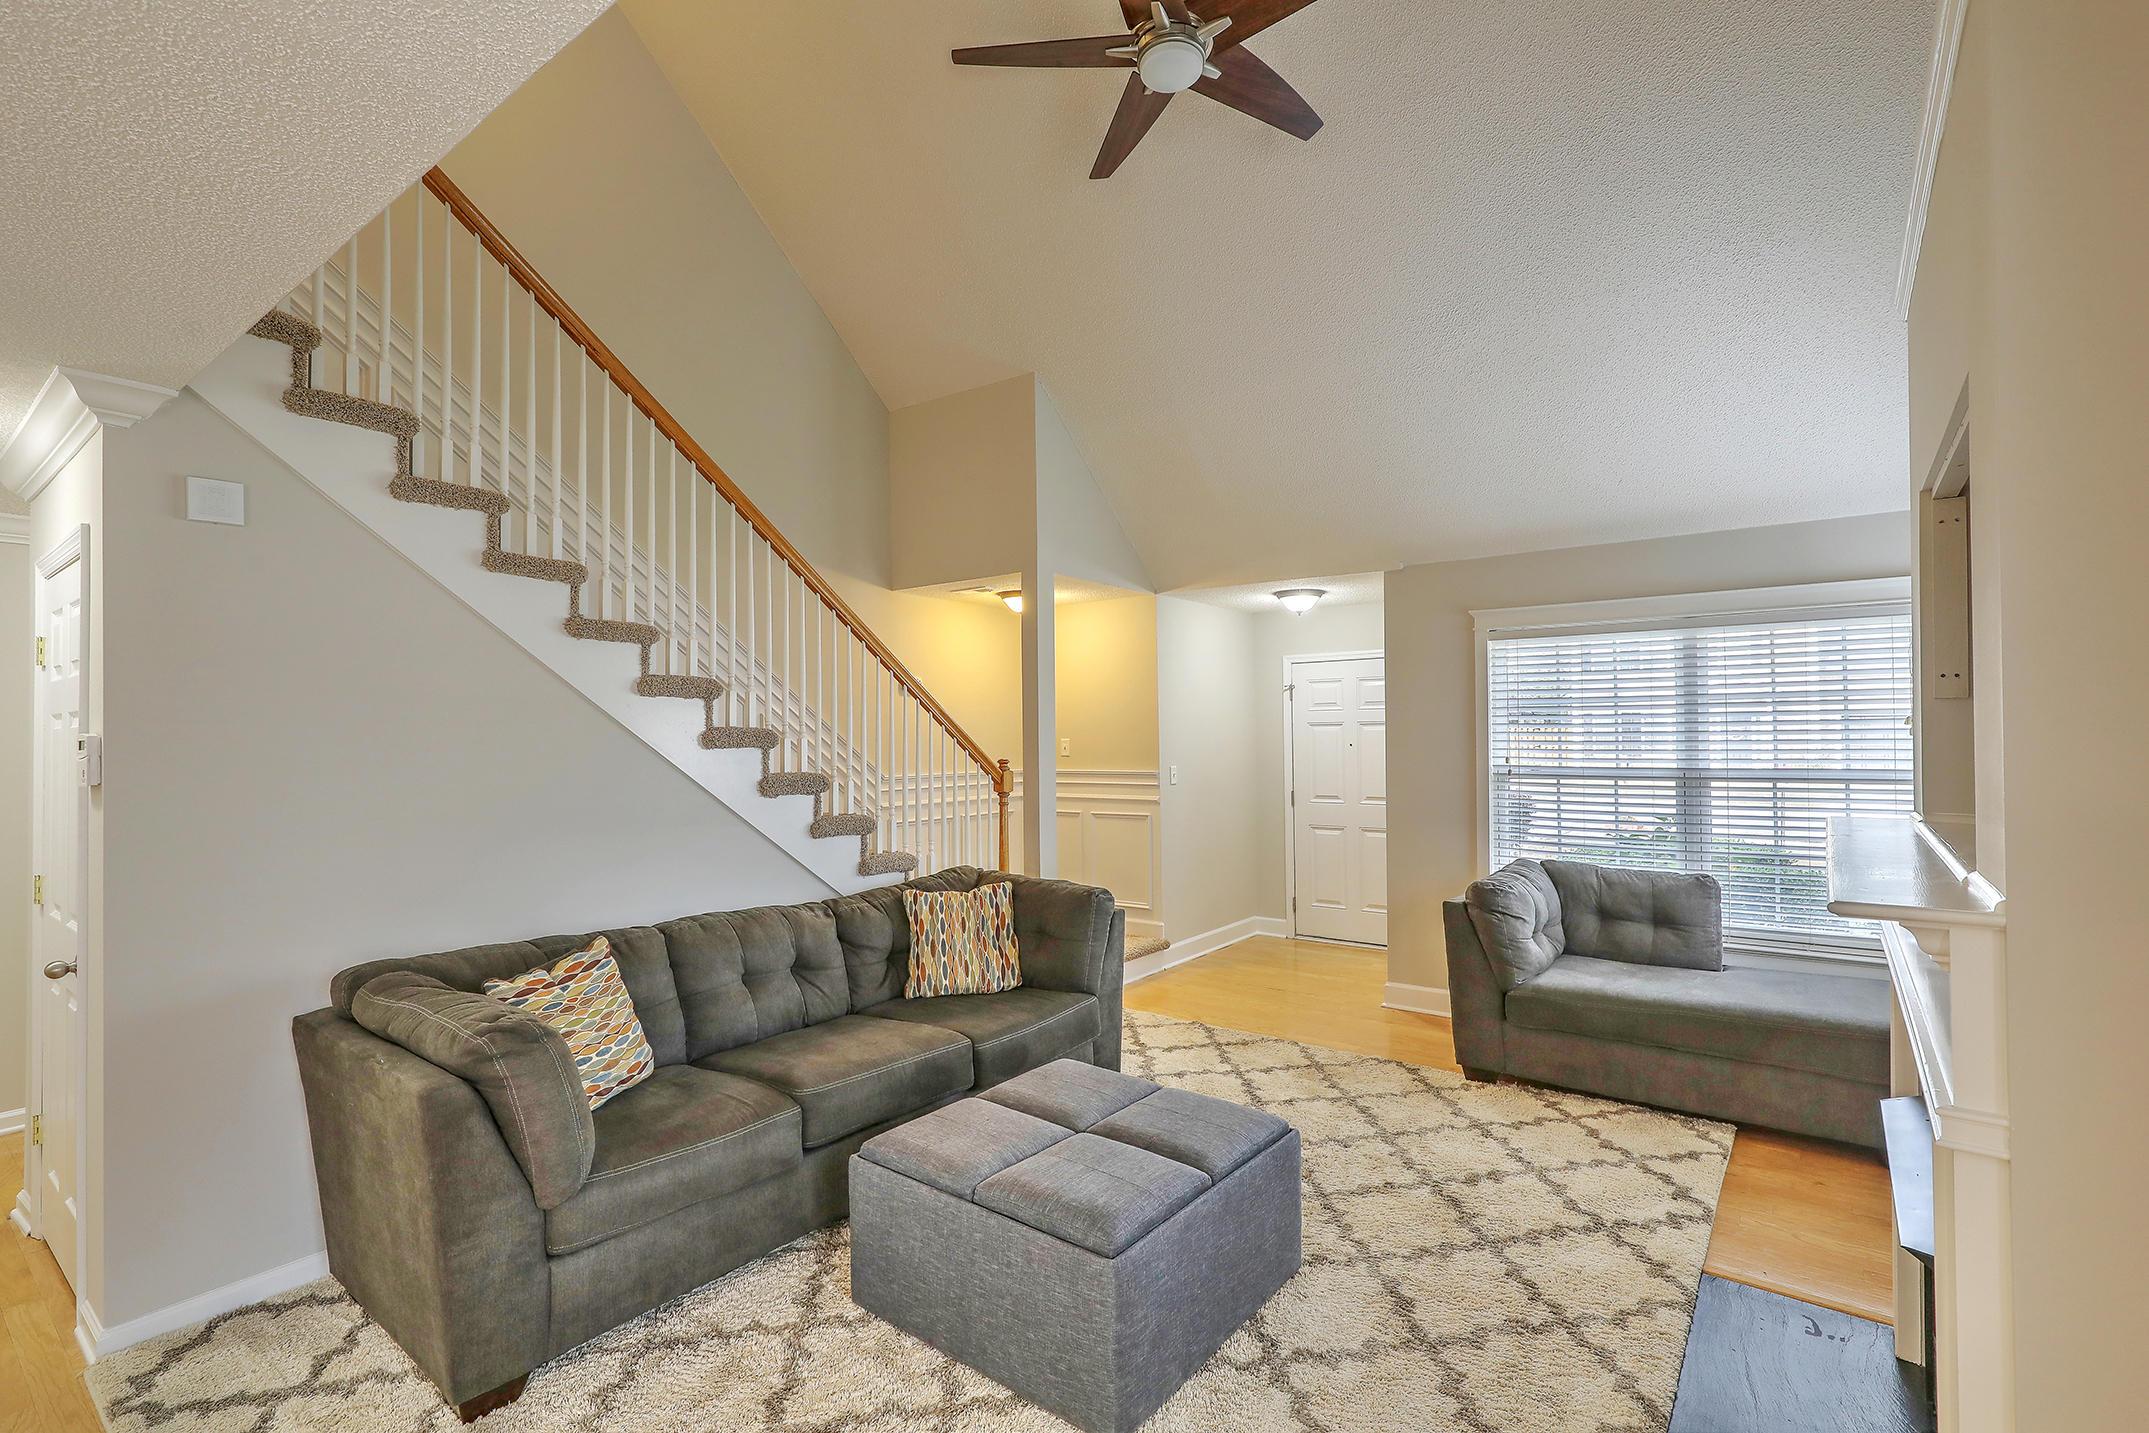 Lawton Harbor Homes For Sale - 559 Cecilia Cove, Charleston, SC - 5